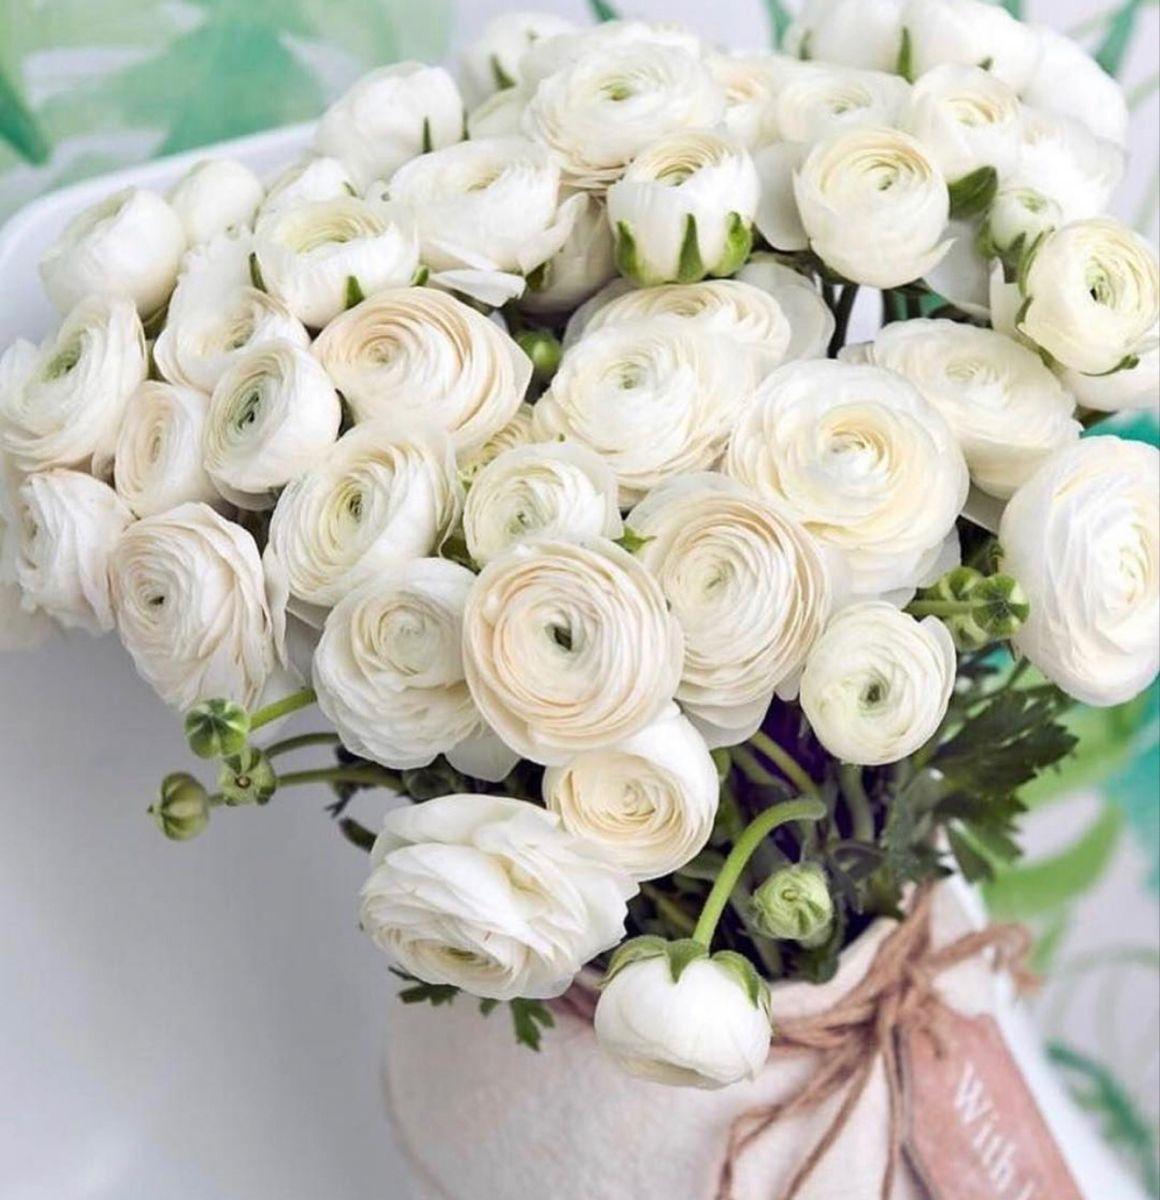 Wholesale White Ranunculus Flower In Bulk For Wedding More In 2020 White Ranunculus Online Wedding Flowers Flowers